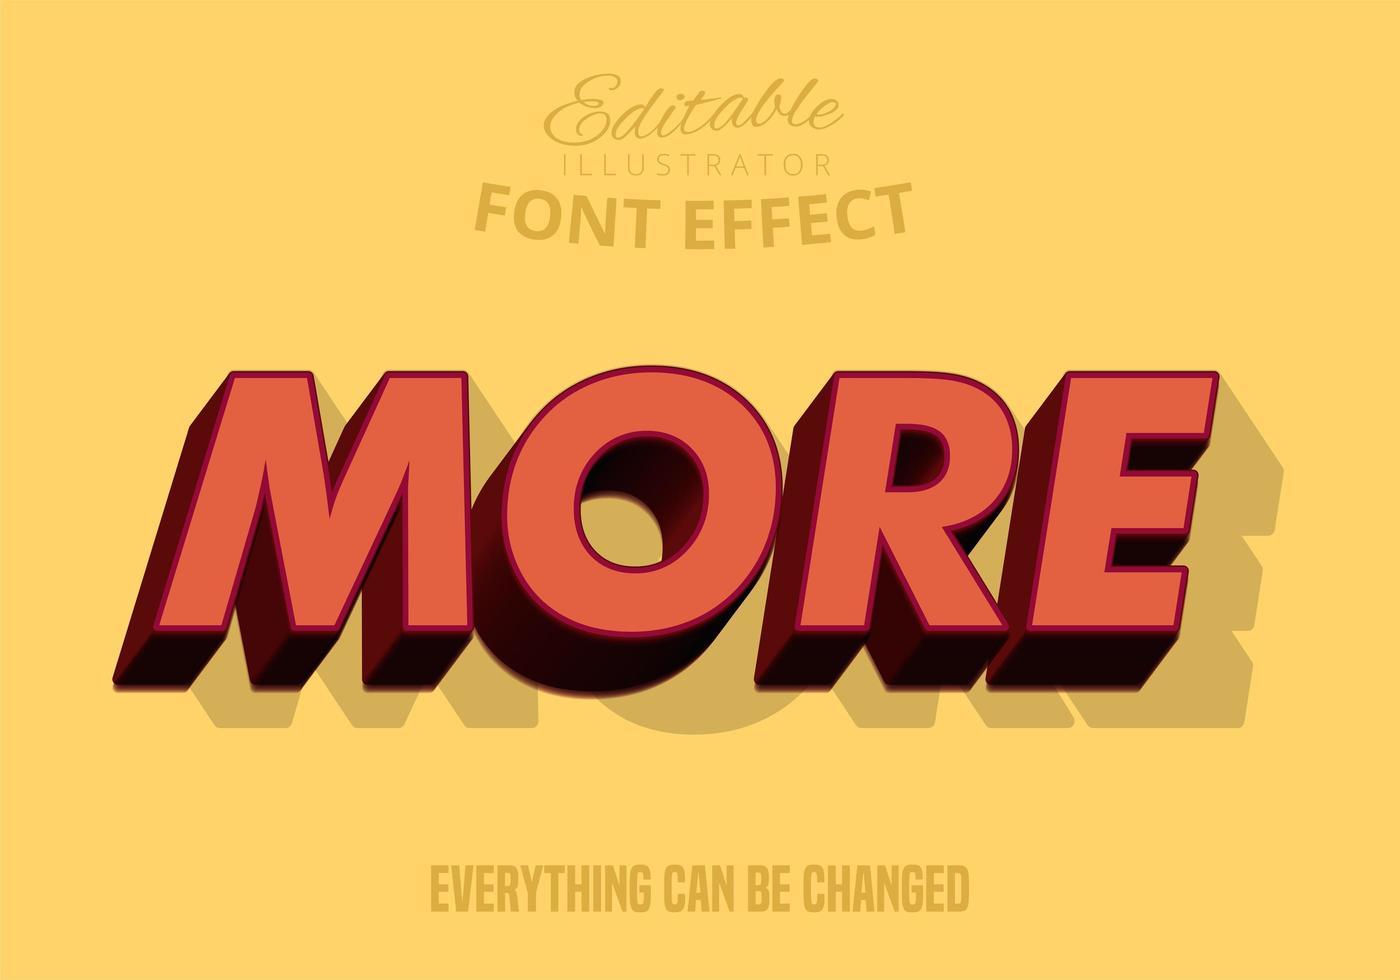 Más #d Texto sombreado, estilo de texto editable vector